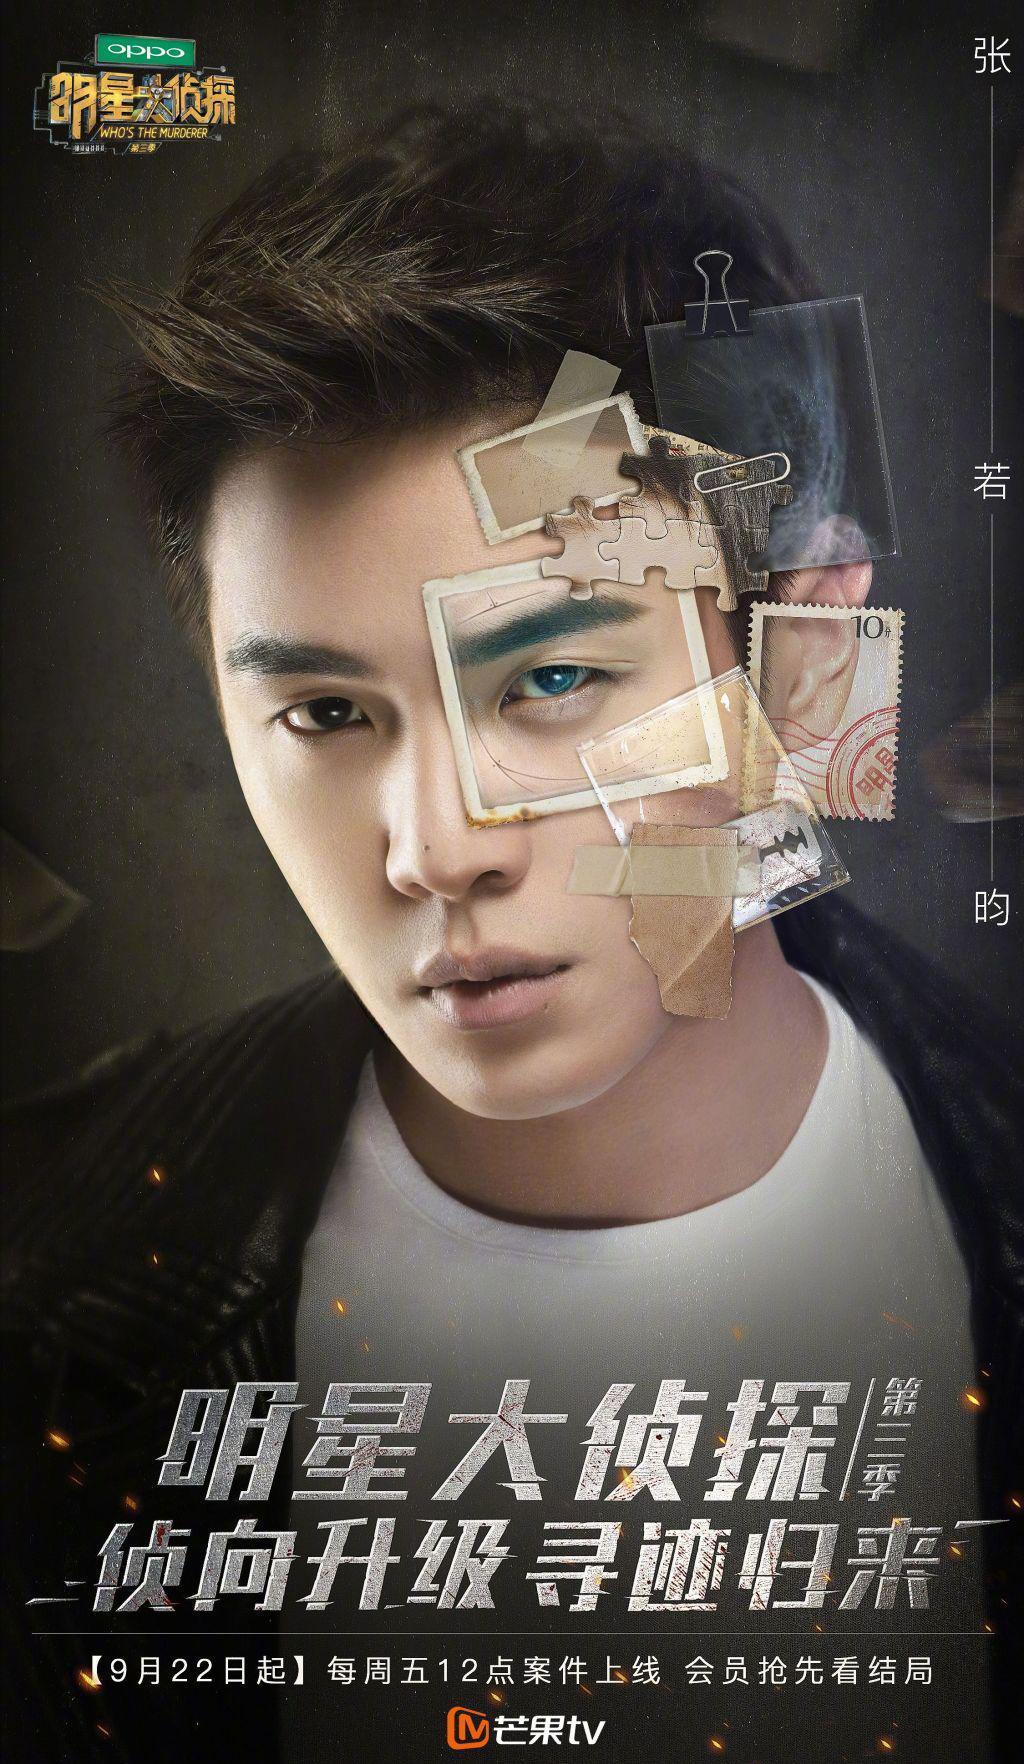 《明星大侦探3》海报图片